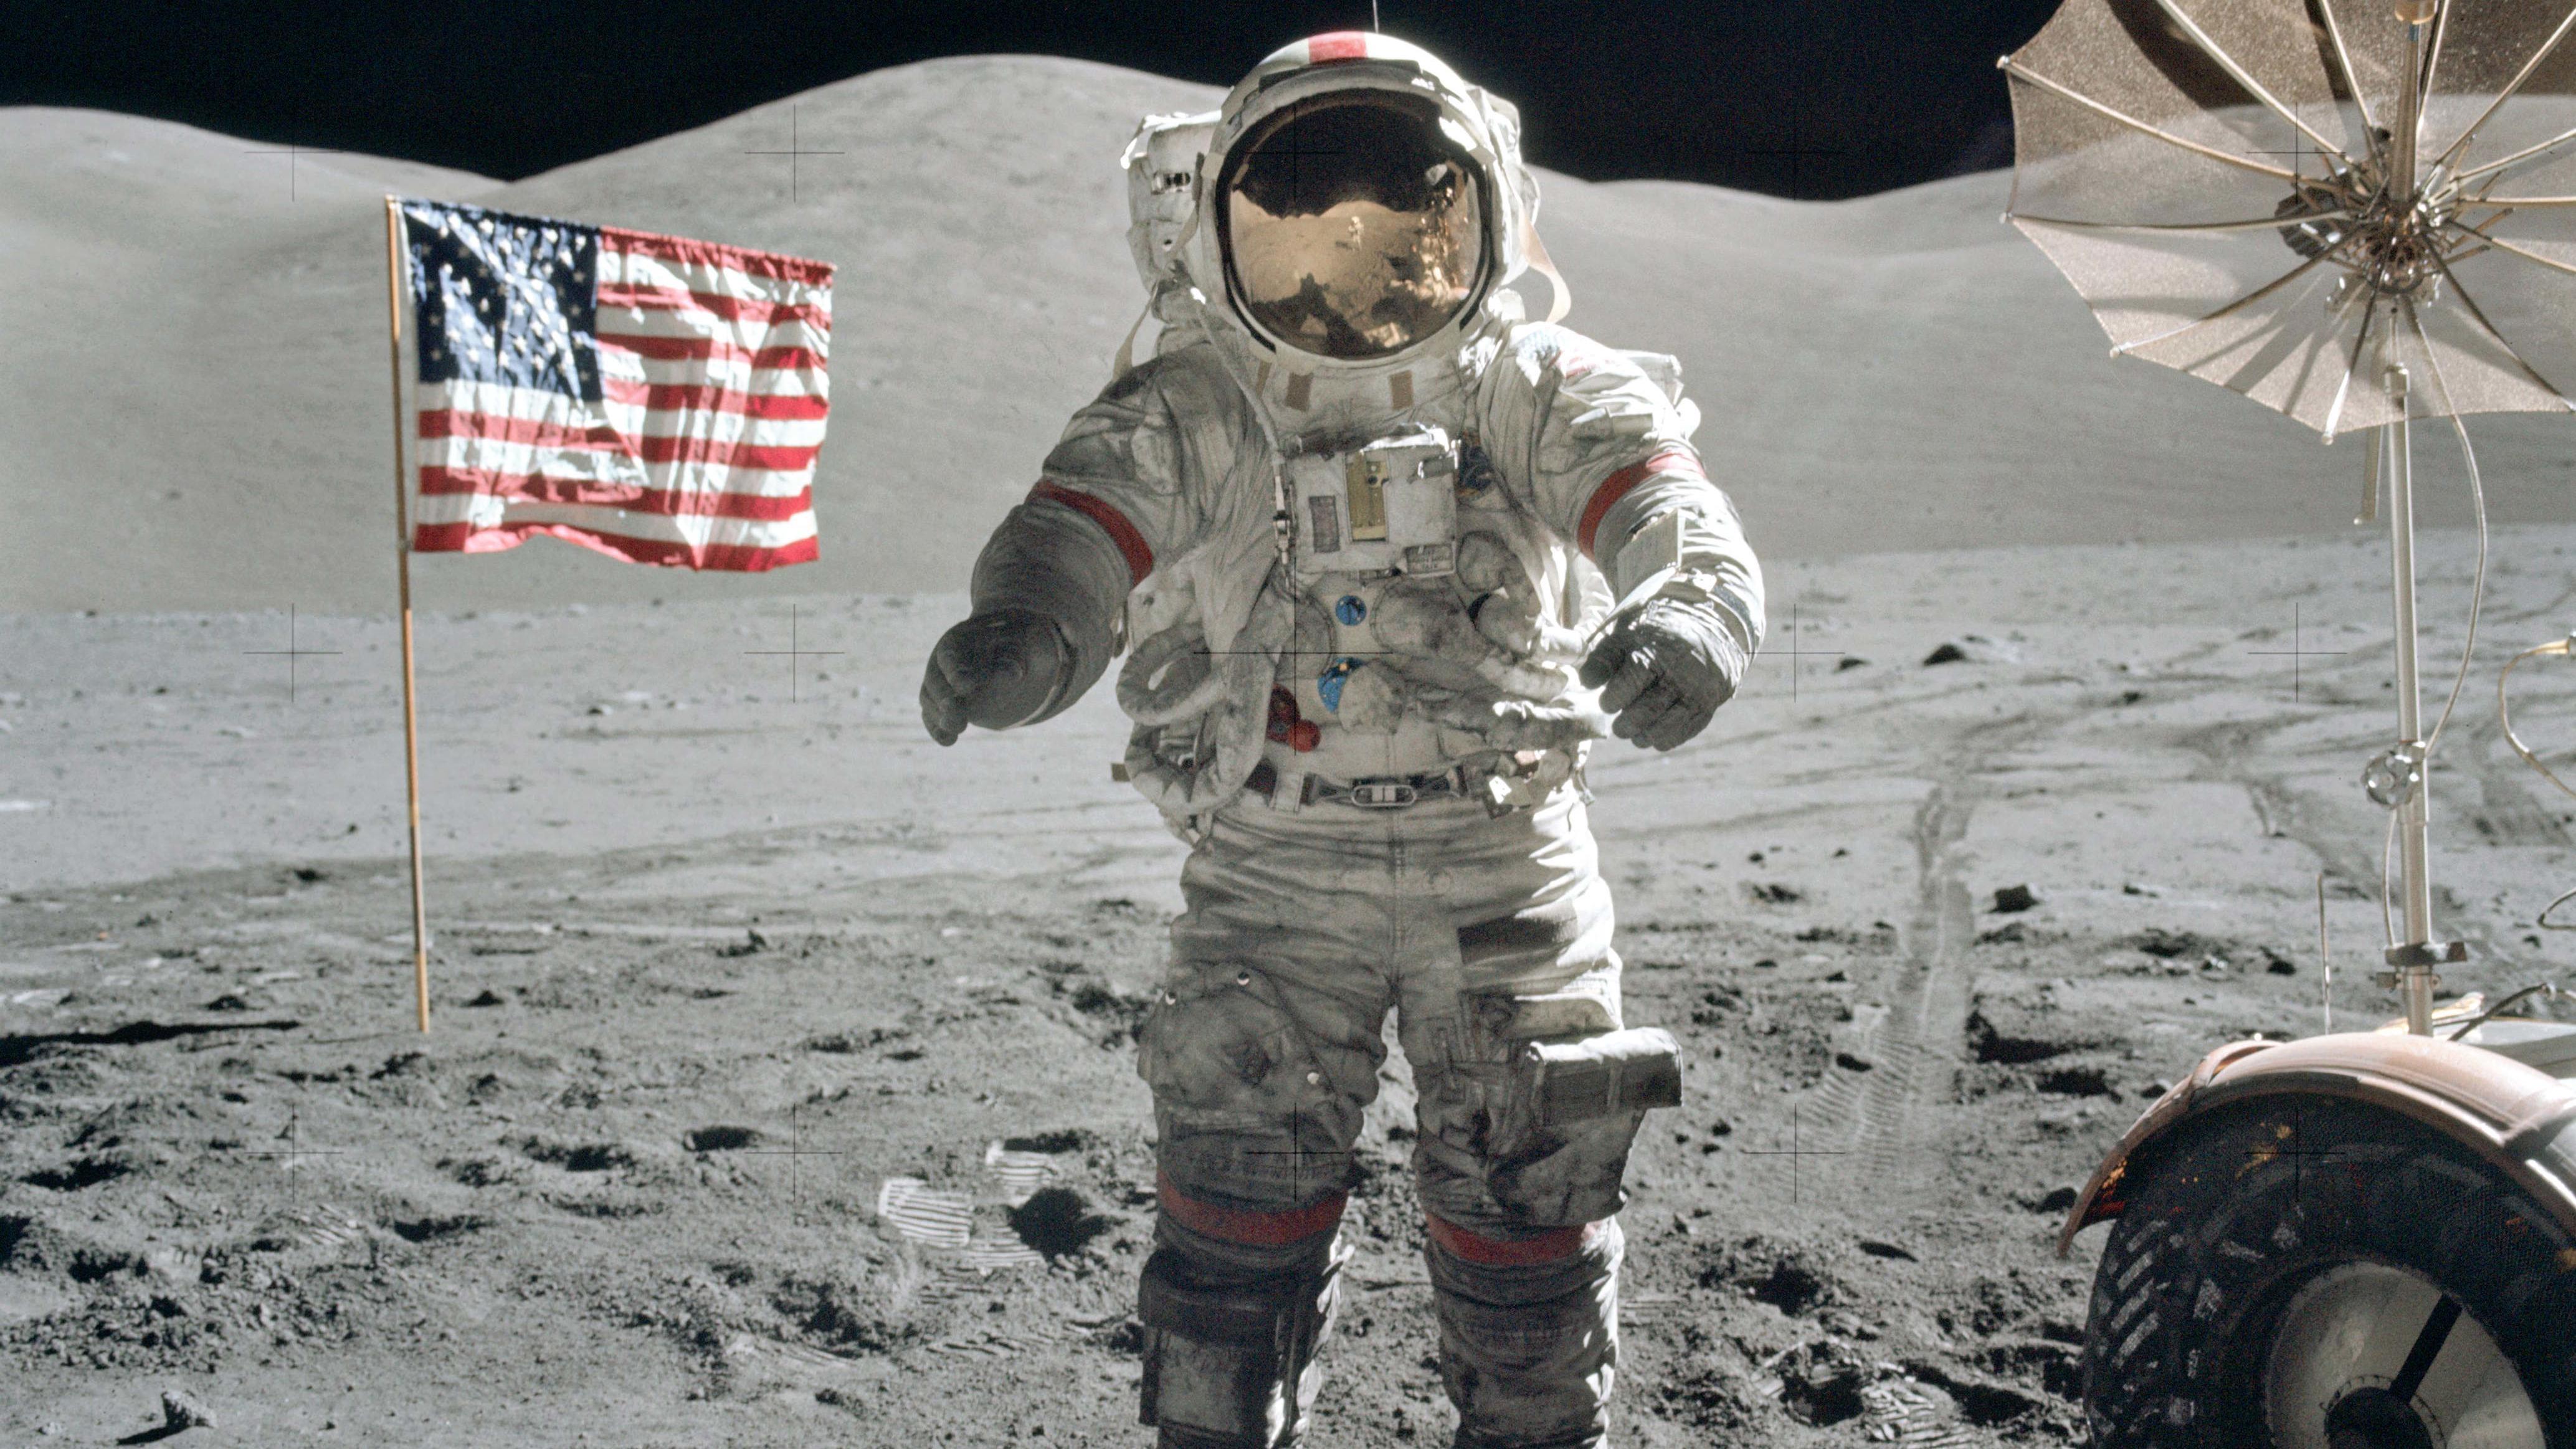 Gene Cernan, Kommandant der Apollo 17 im Dezember 1972, auf dem Mond, flankiert von amerikanischer Flagge und Mondfahrzeug.